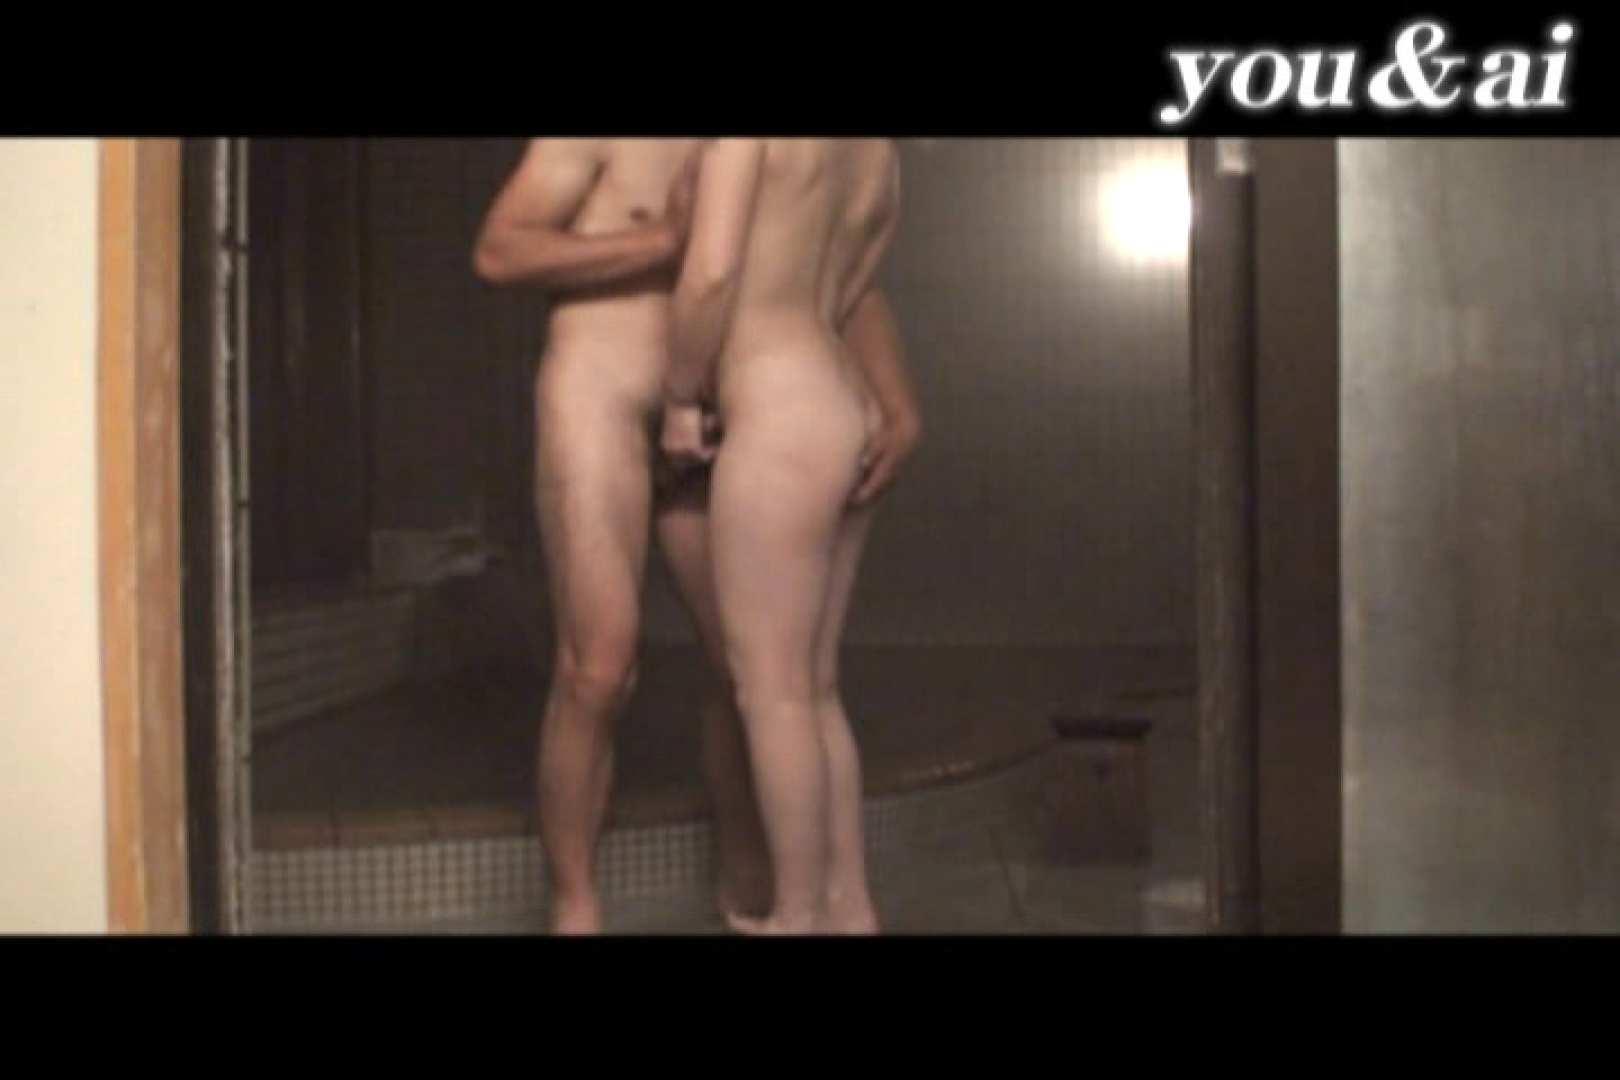 おしどり夫婦のyou&aiさん投稿作品vol.19 熟女 AV動画キャプチャ 75枚 35